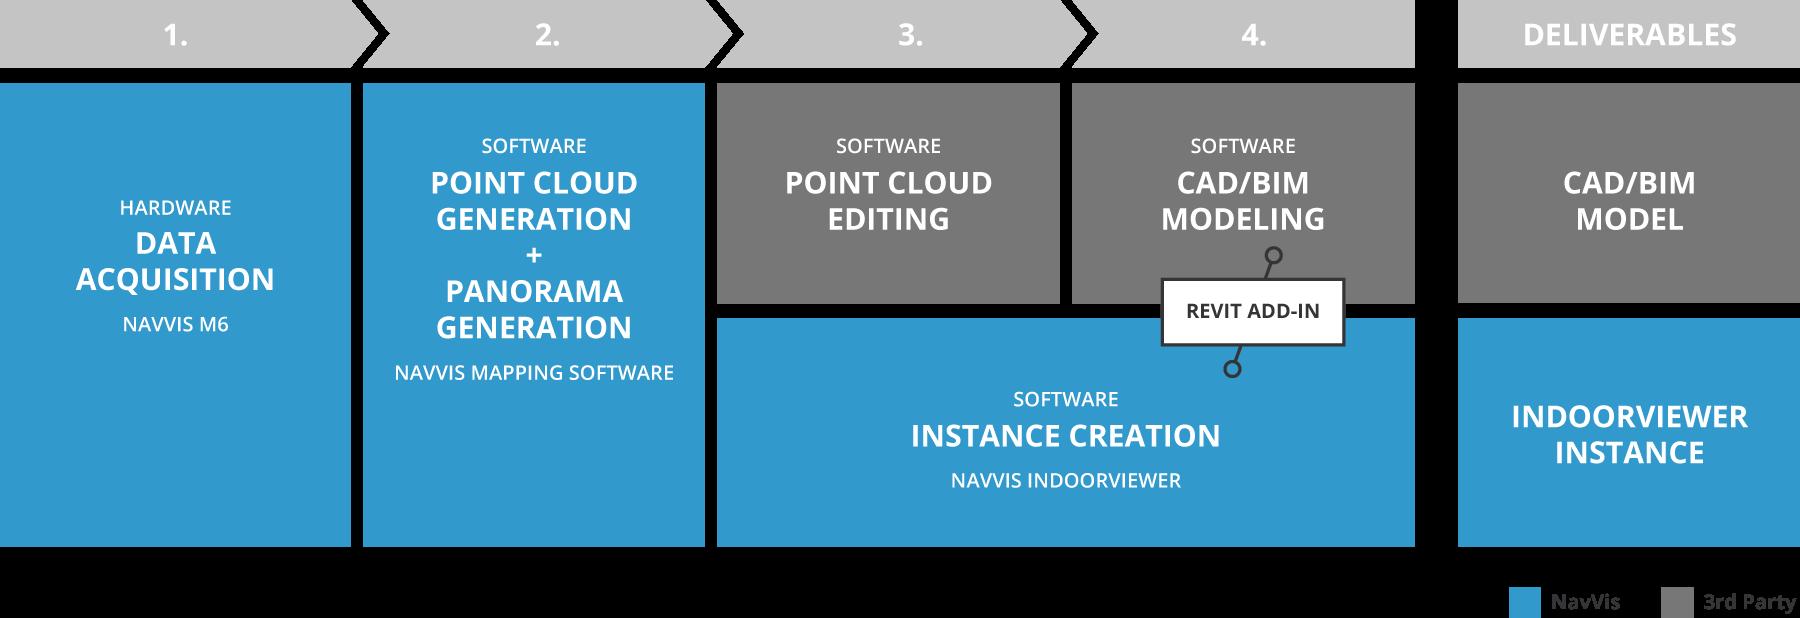 BIM_workflow_graphic